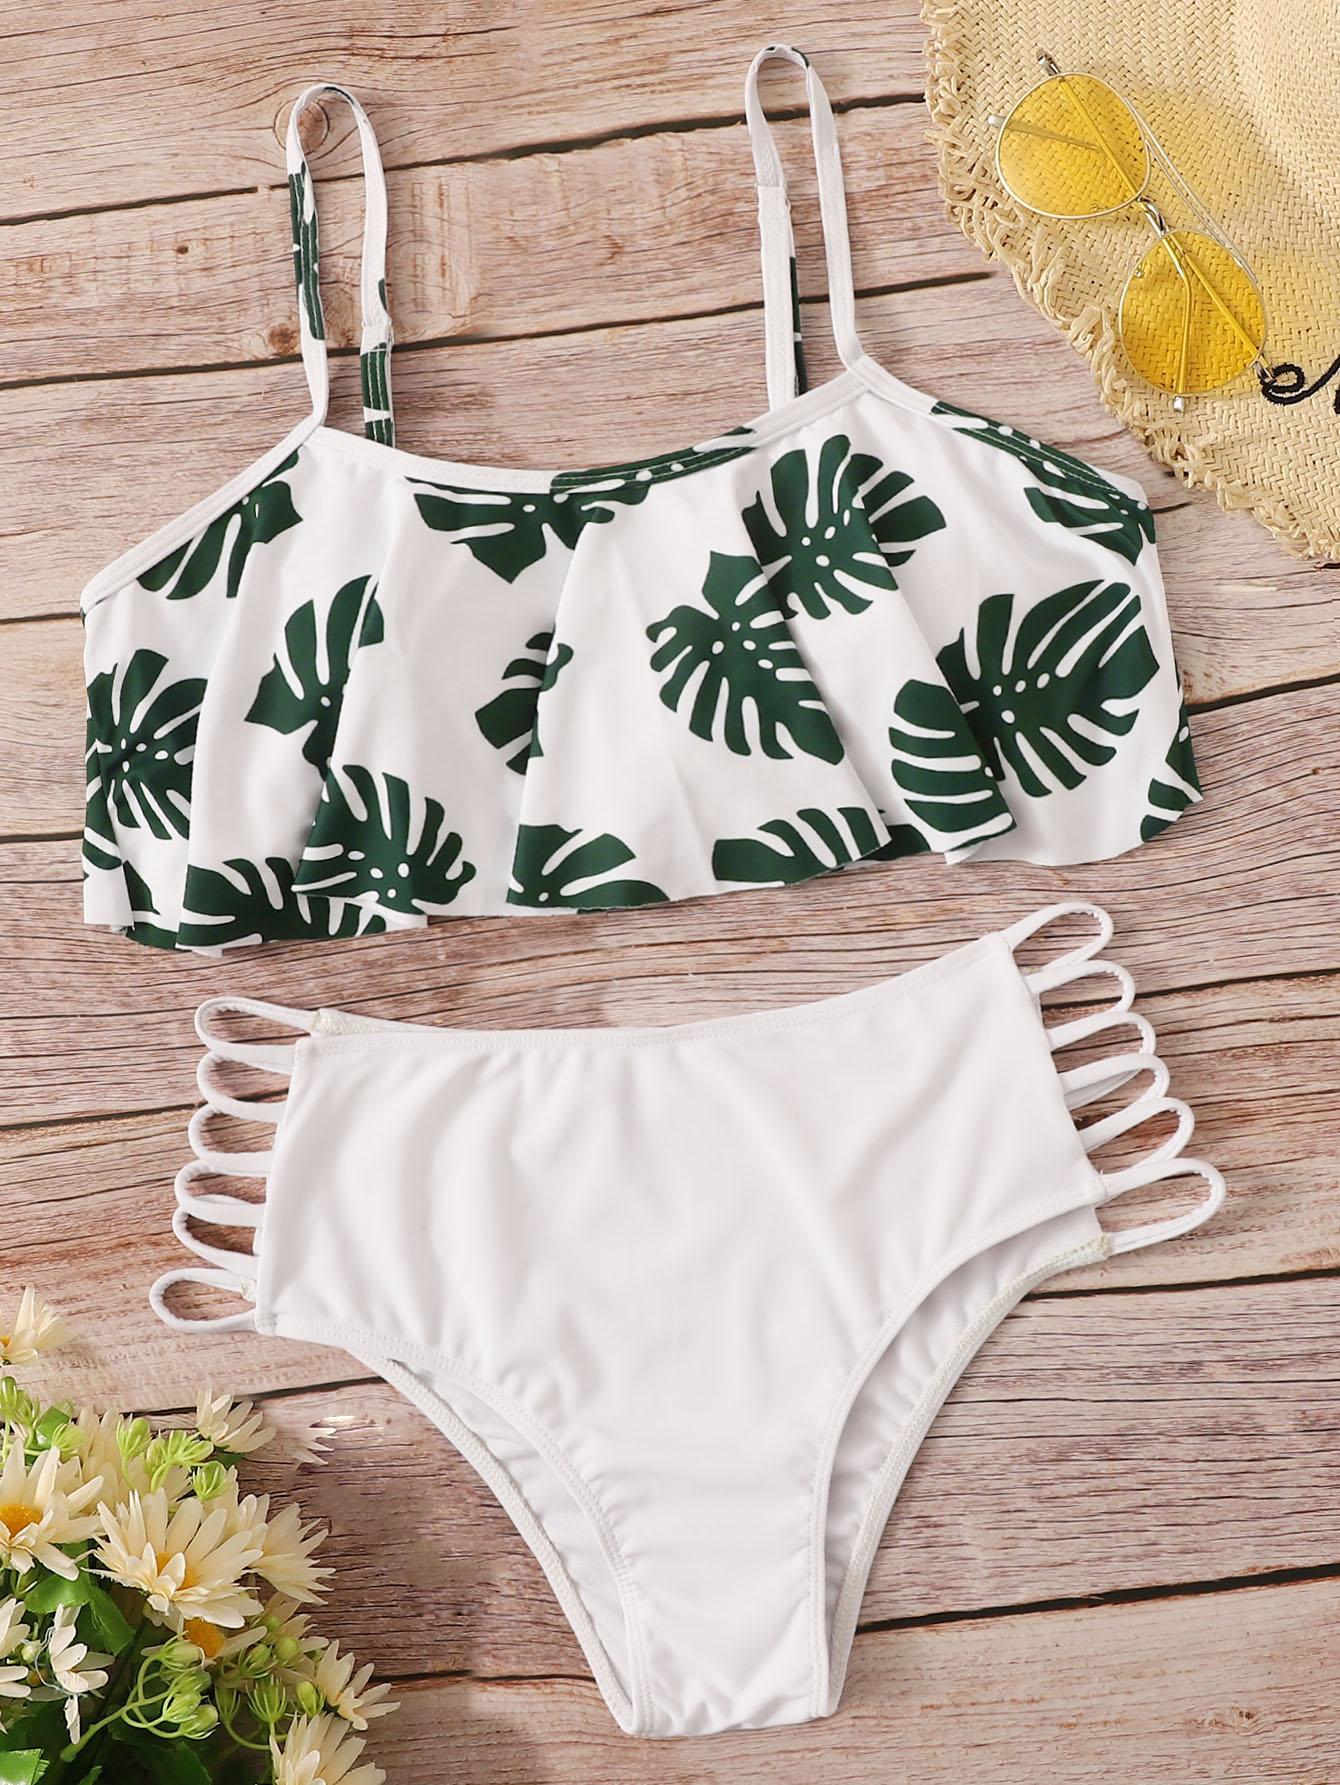 Фото - Бикини с пальмовым принтом и вырезами на плавках от SheIn белого цвета